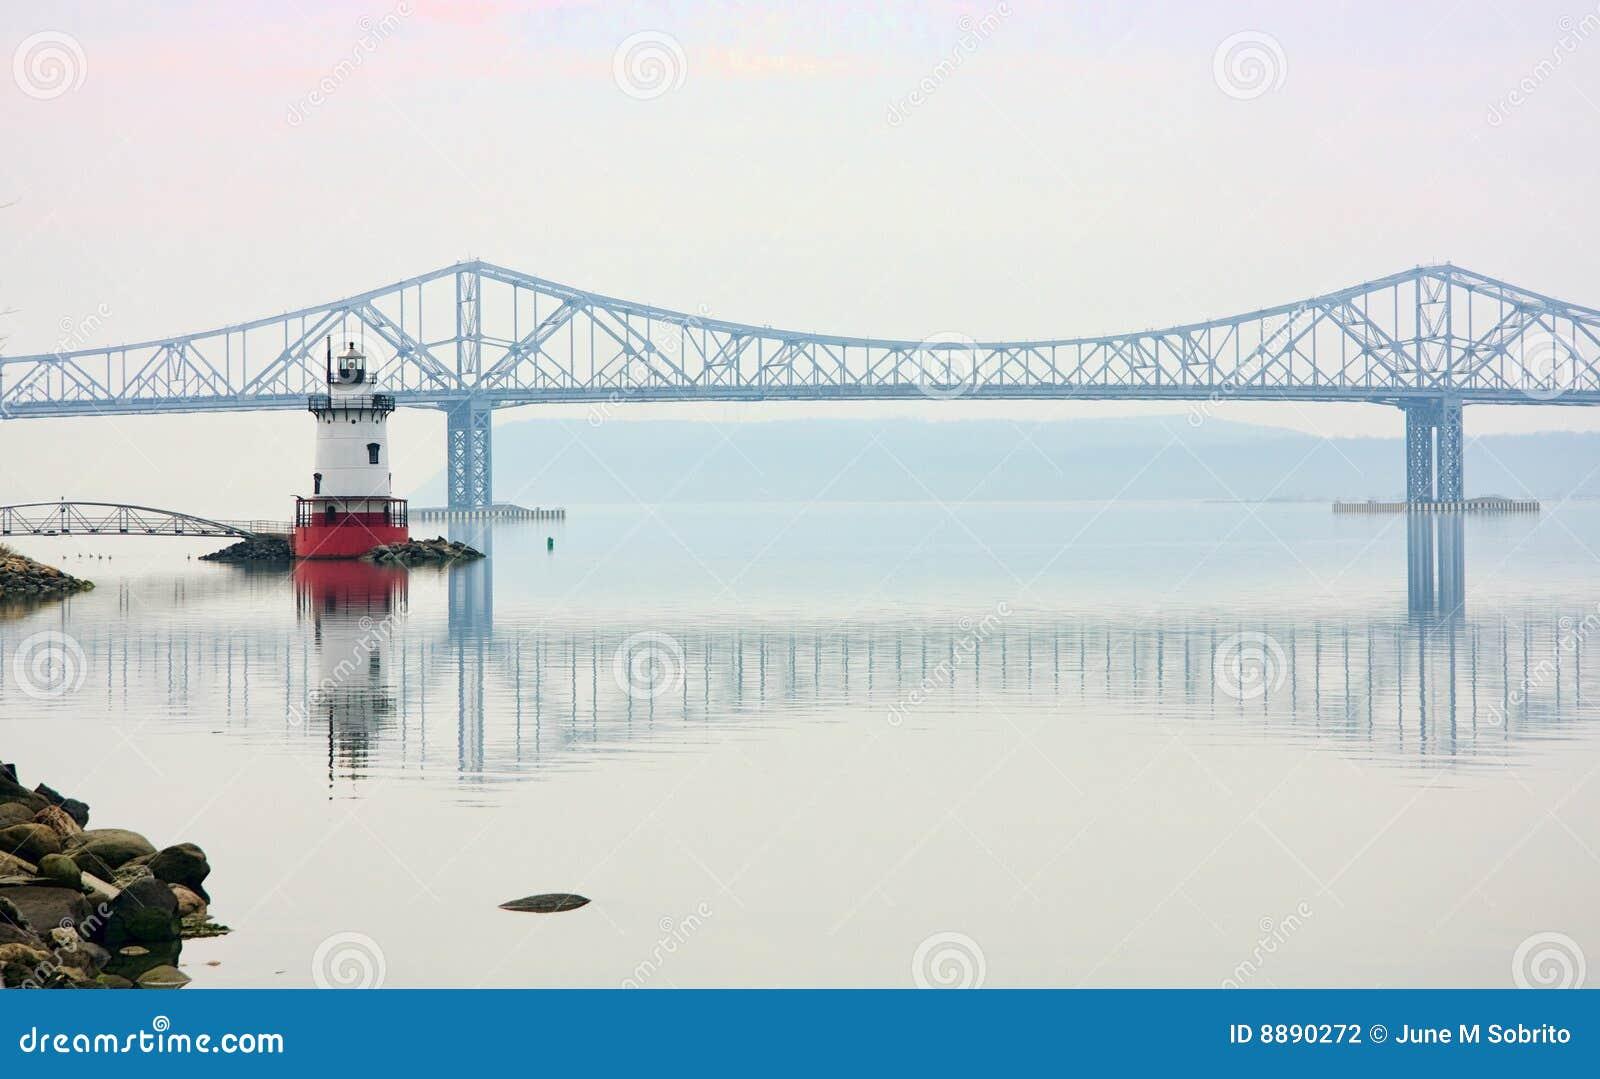 Tappan zee puente escolta conductor